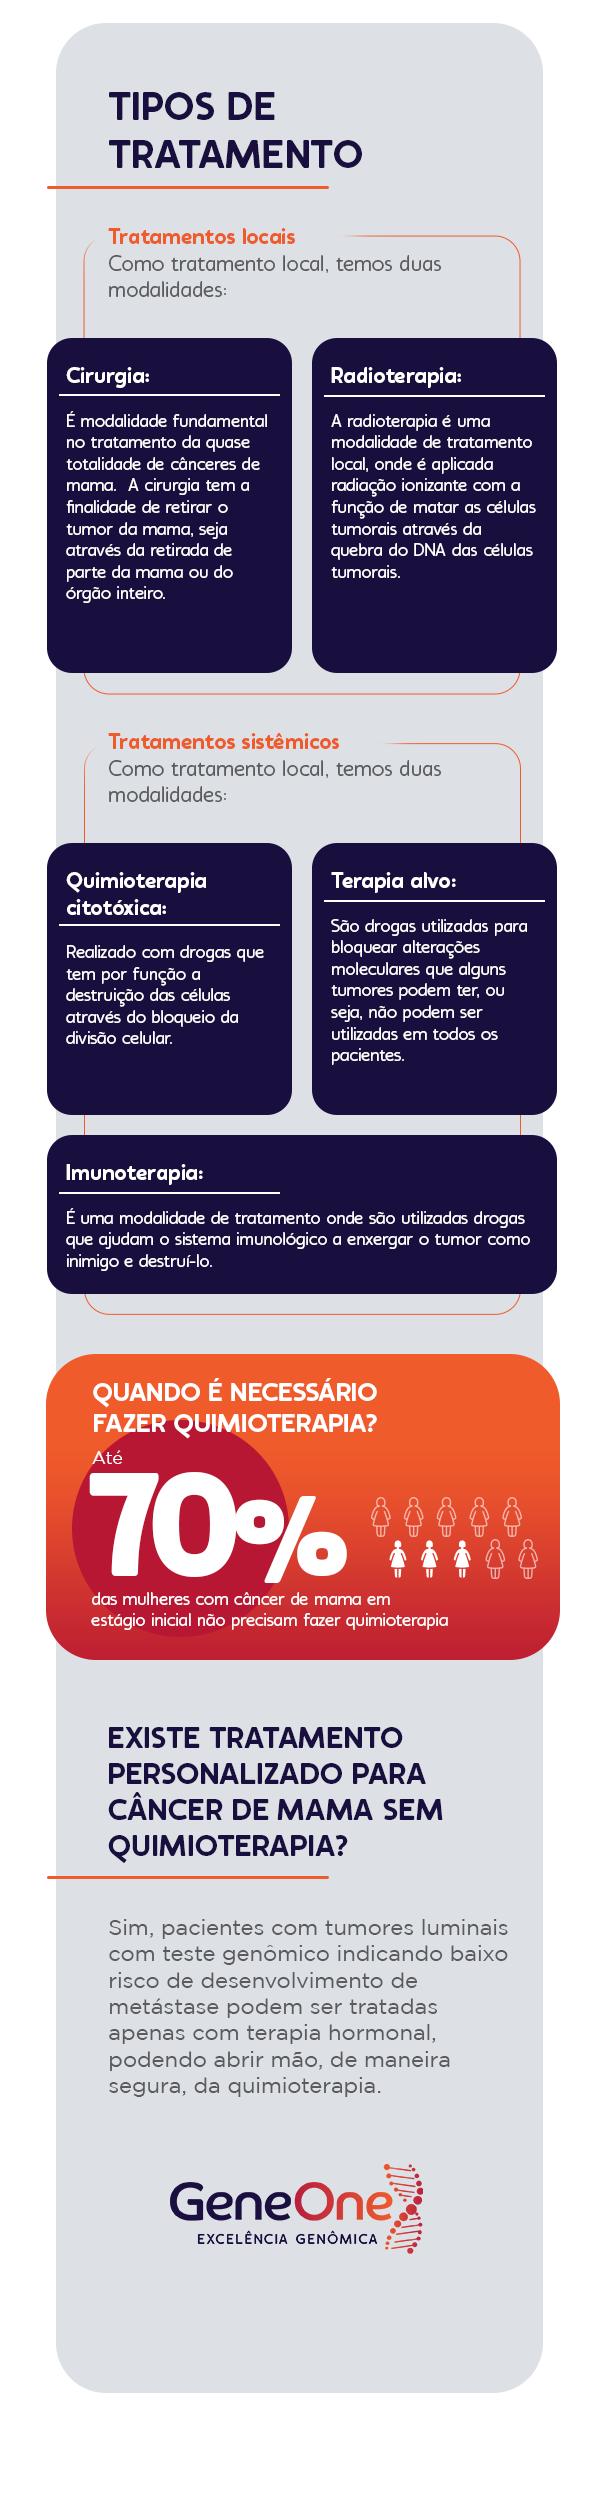 infográfico Como é o tratamento do câncer de mama?